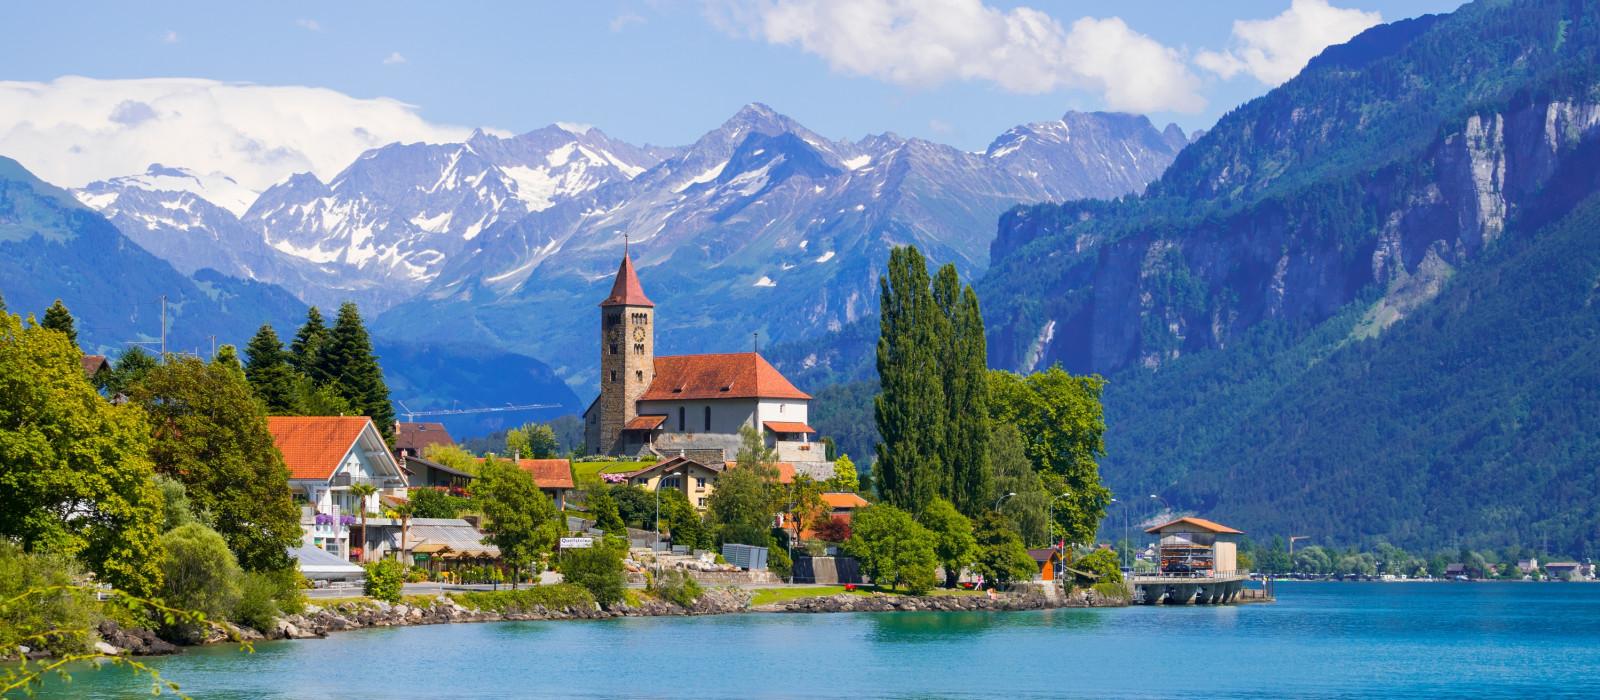 Destination Interlaken Switzerland